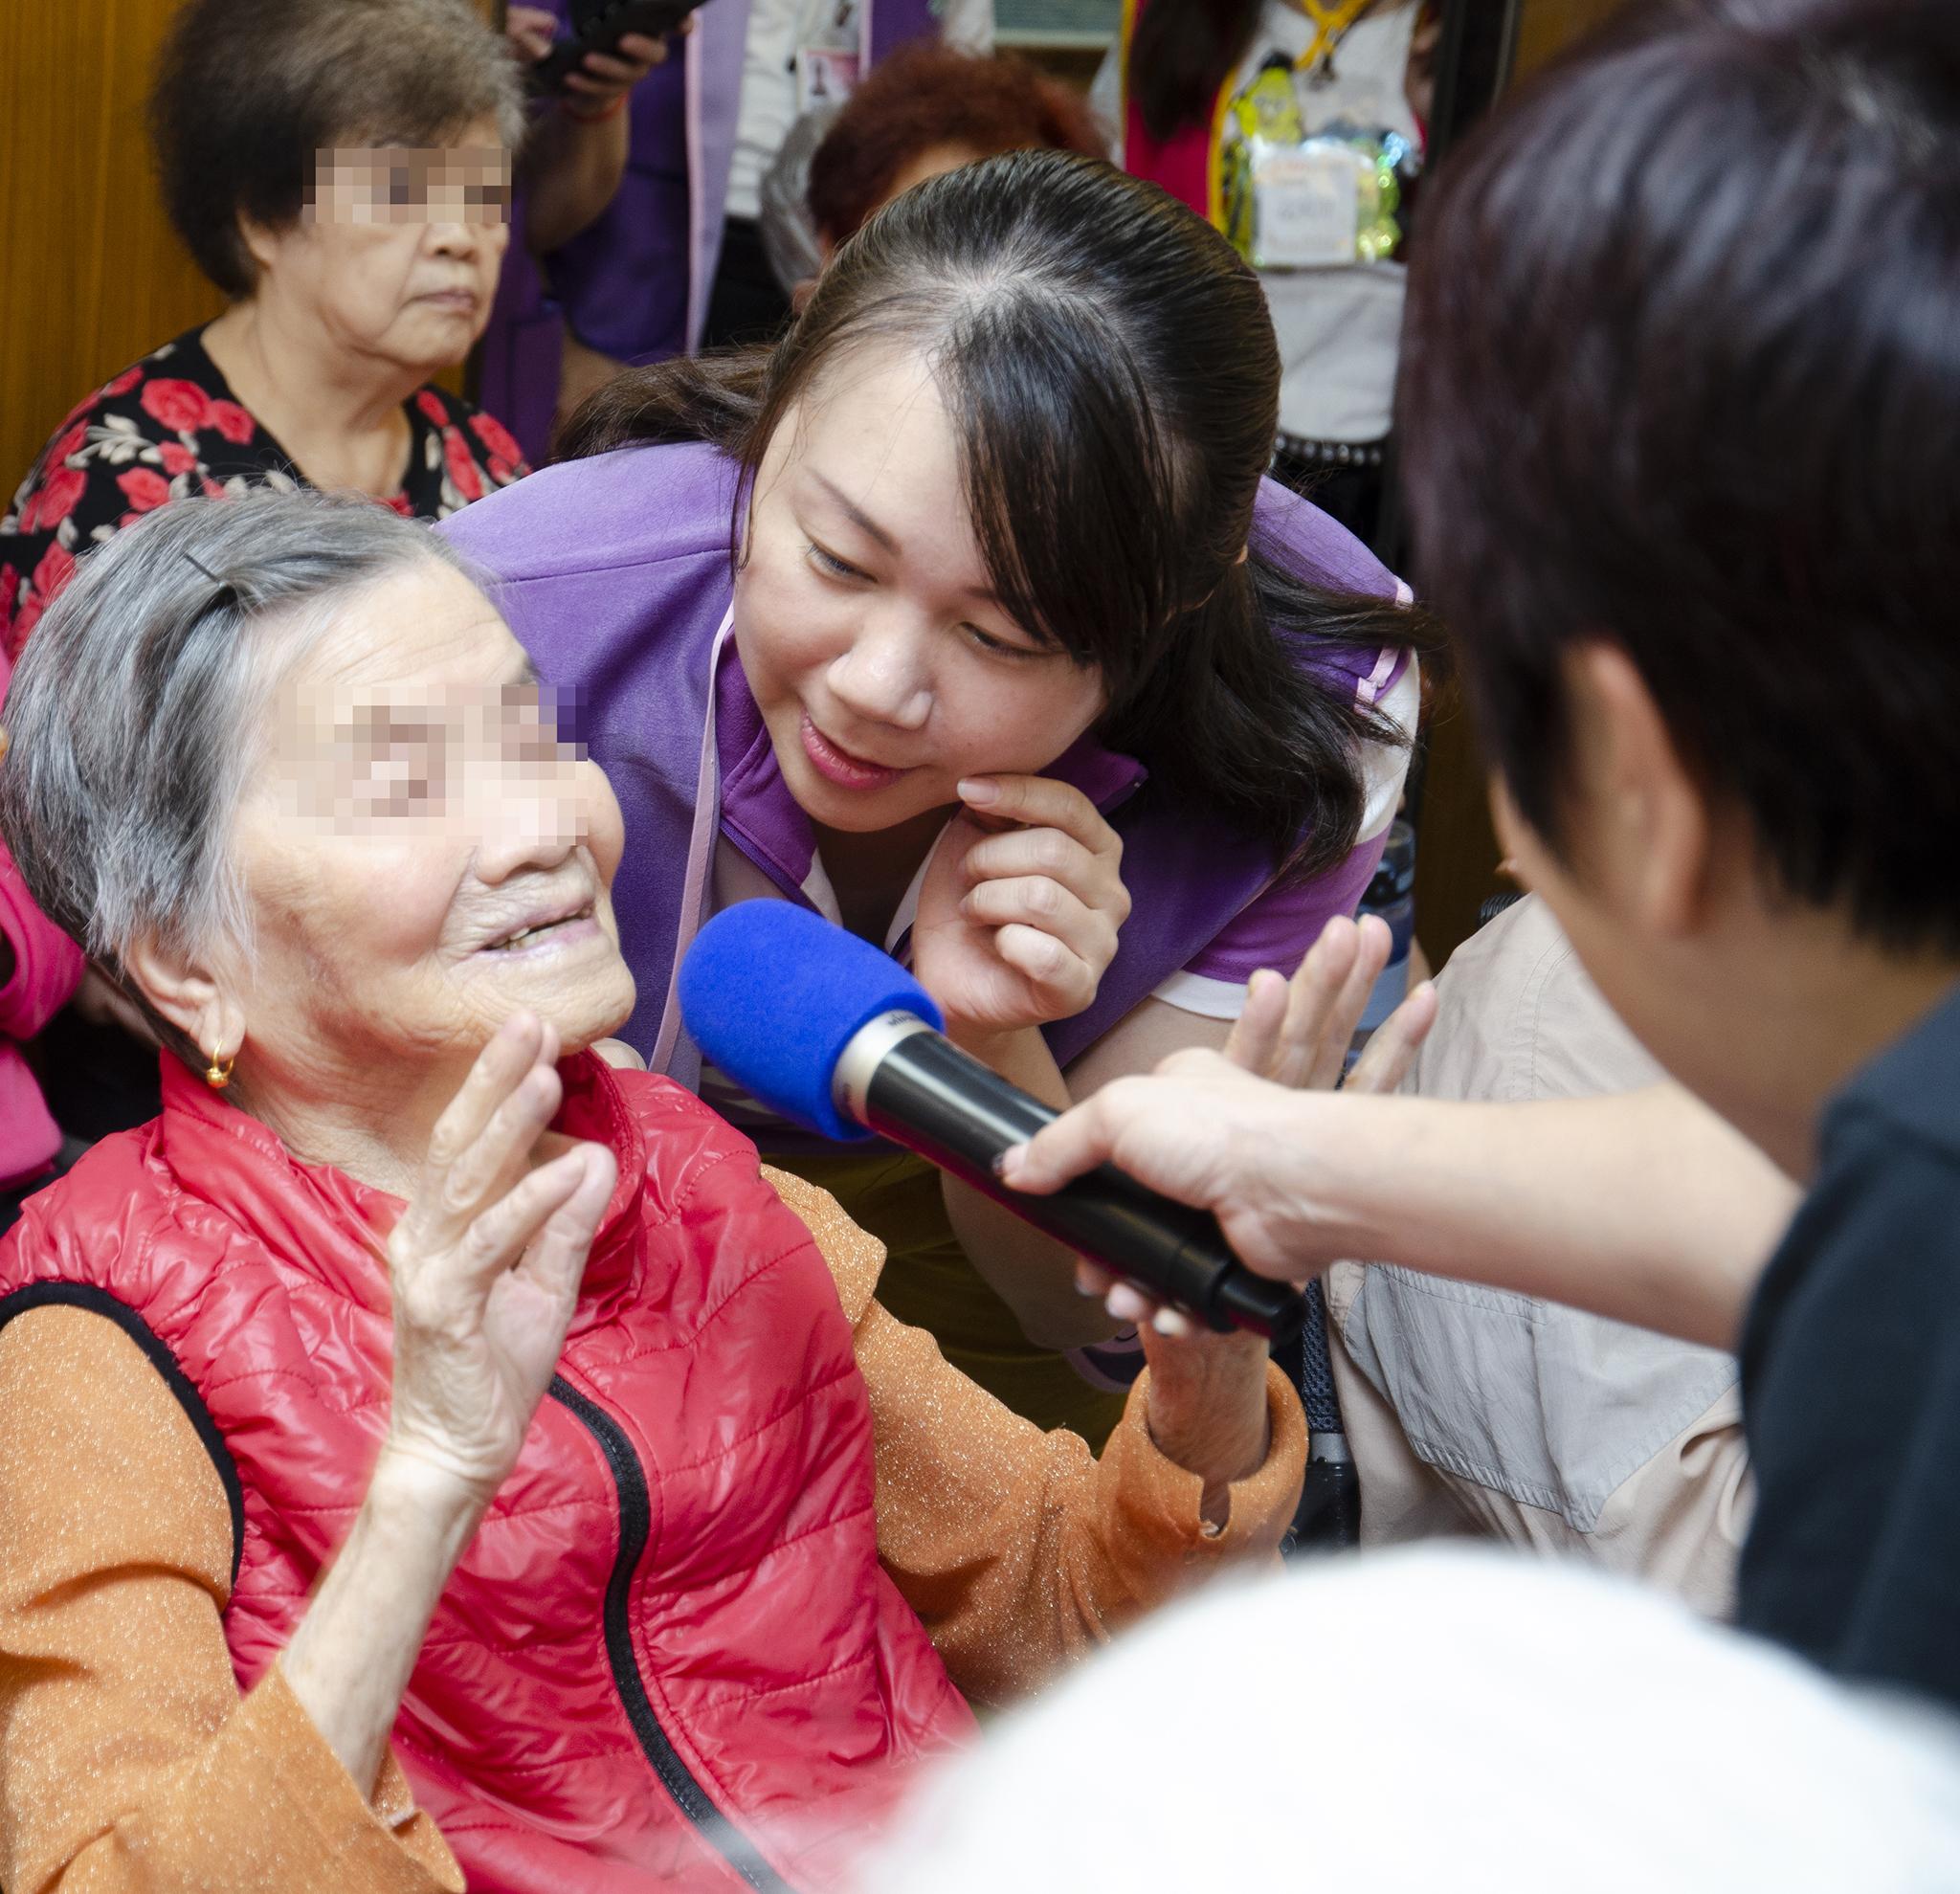 永達志工協助長輩有獎徵答。